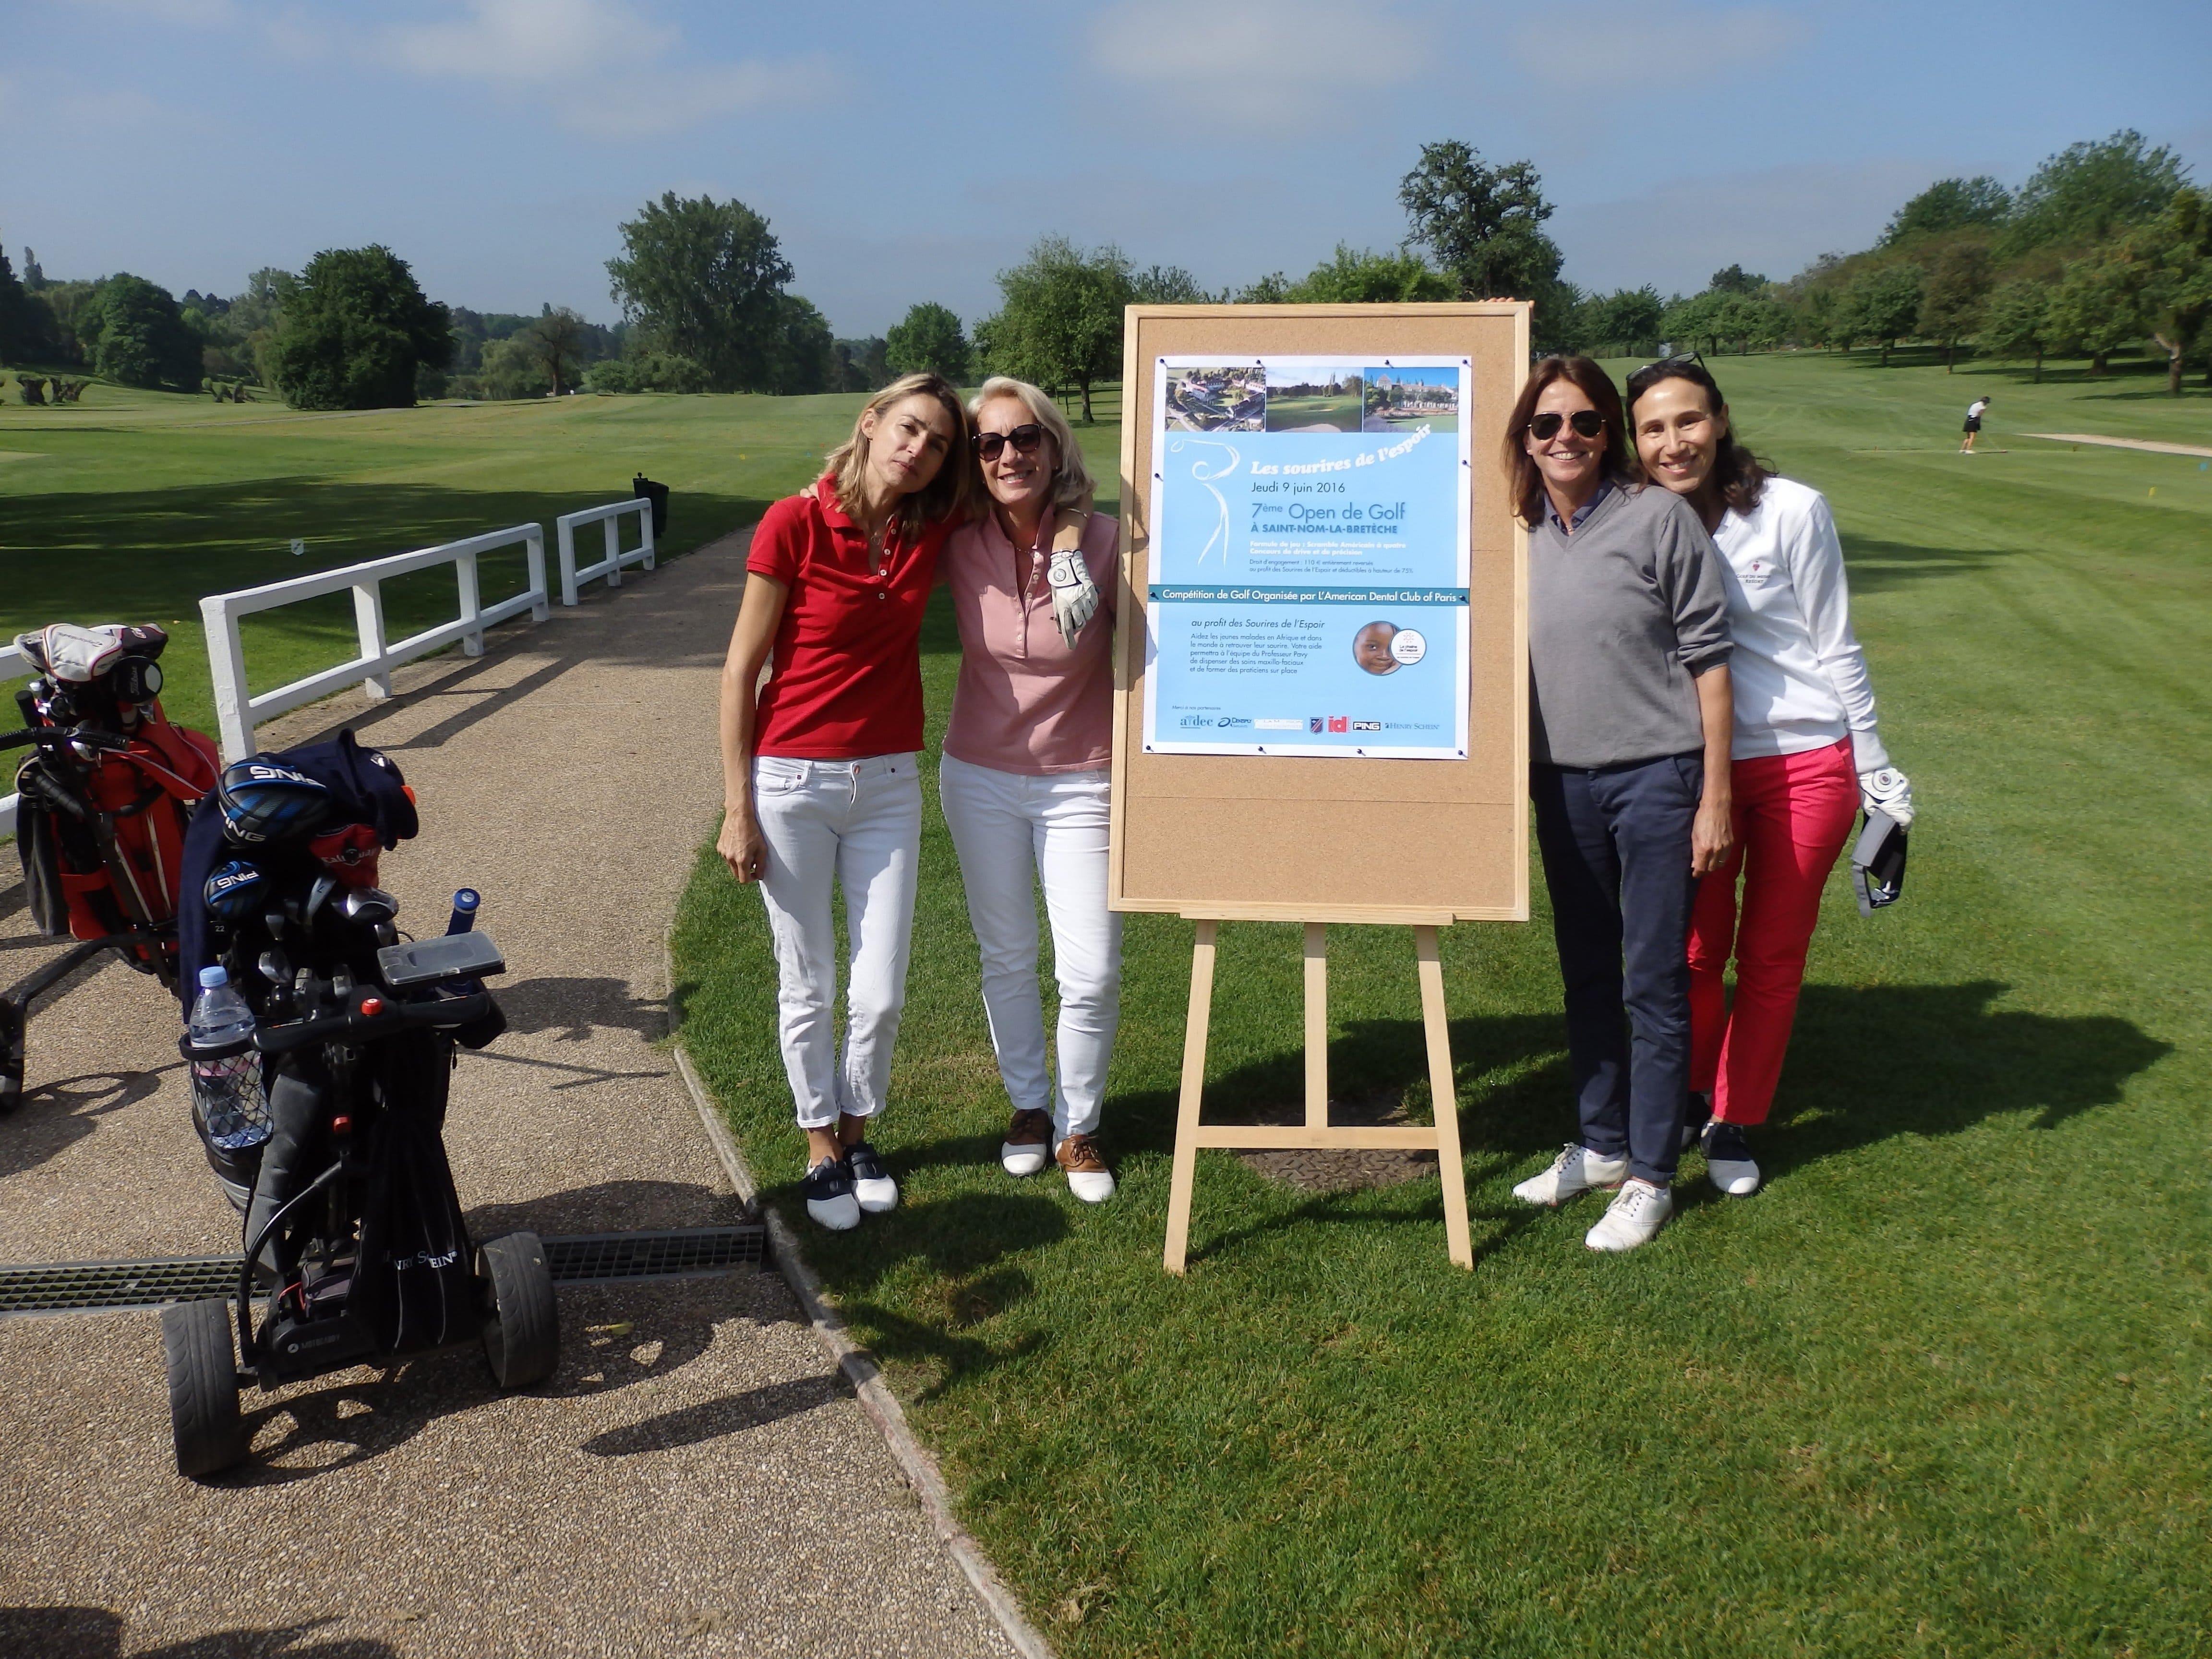 7ème Open de golf pour La Chaîne de l'Espoir